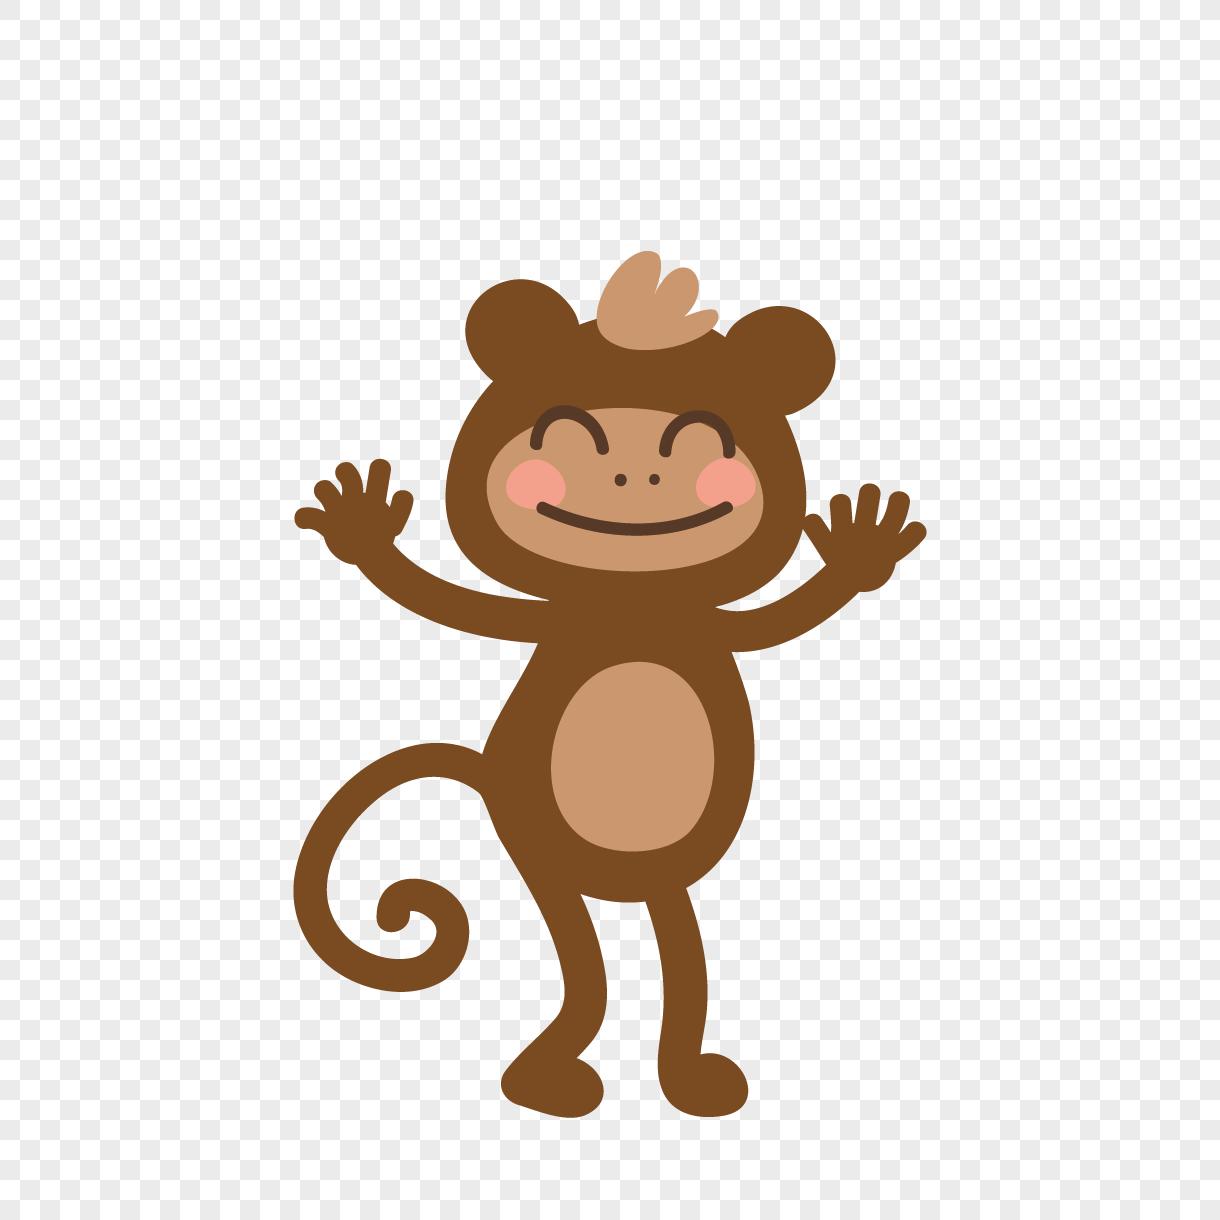 Gambar Monyet Kartun Wwwtollebildcom